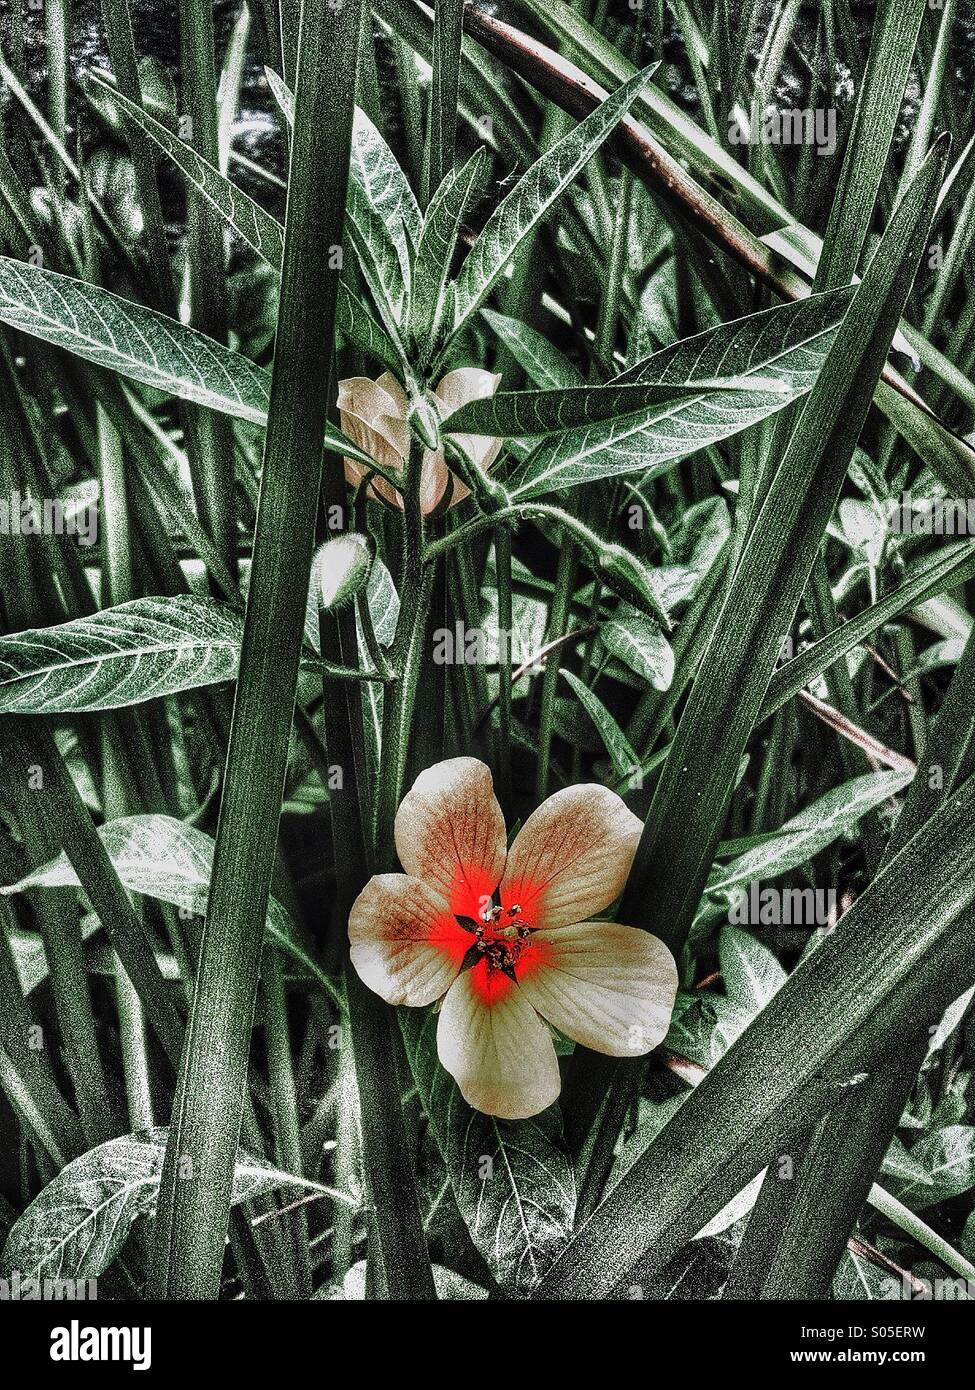 surreal flower in vegitation - Stock Image